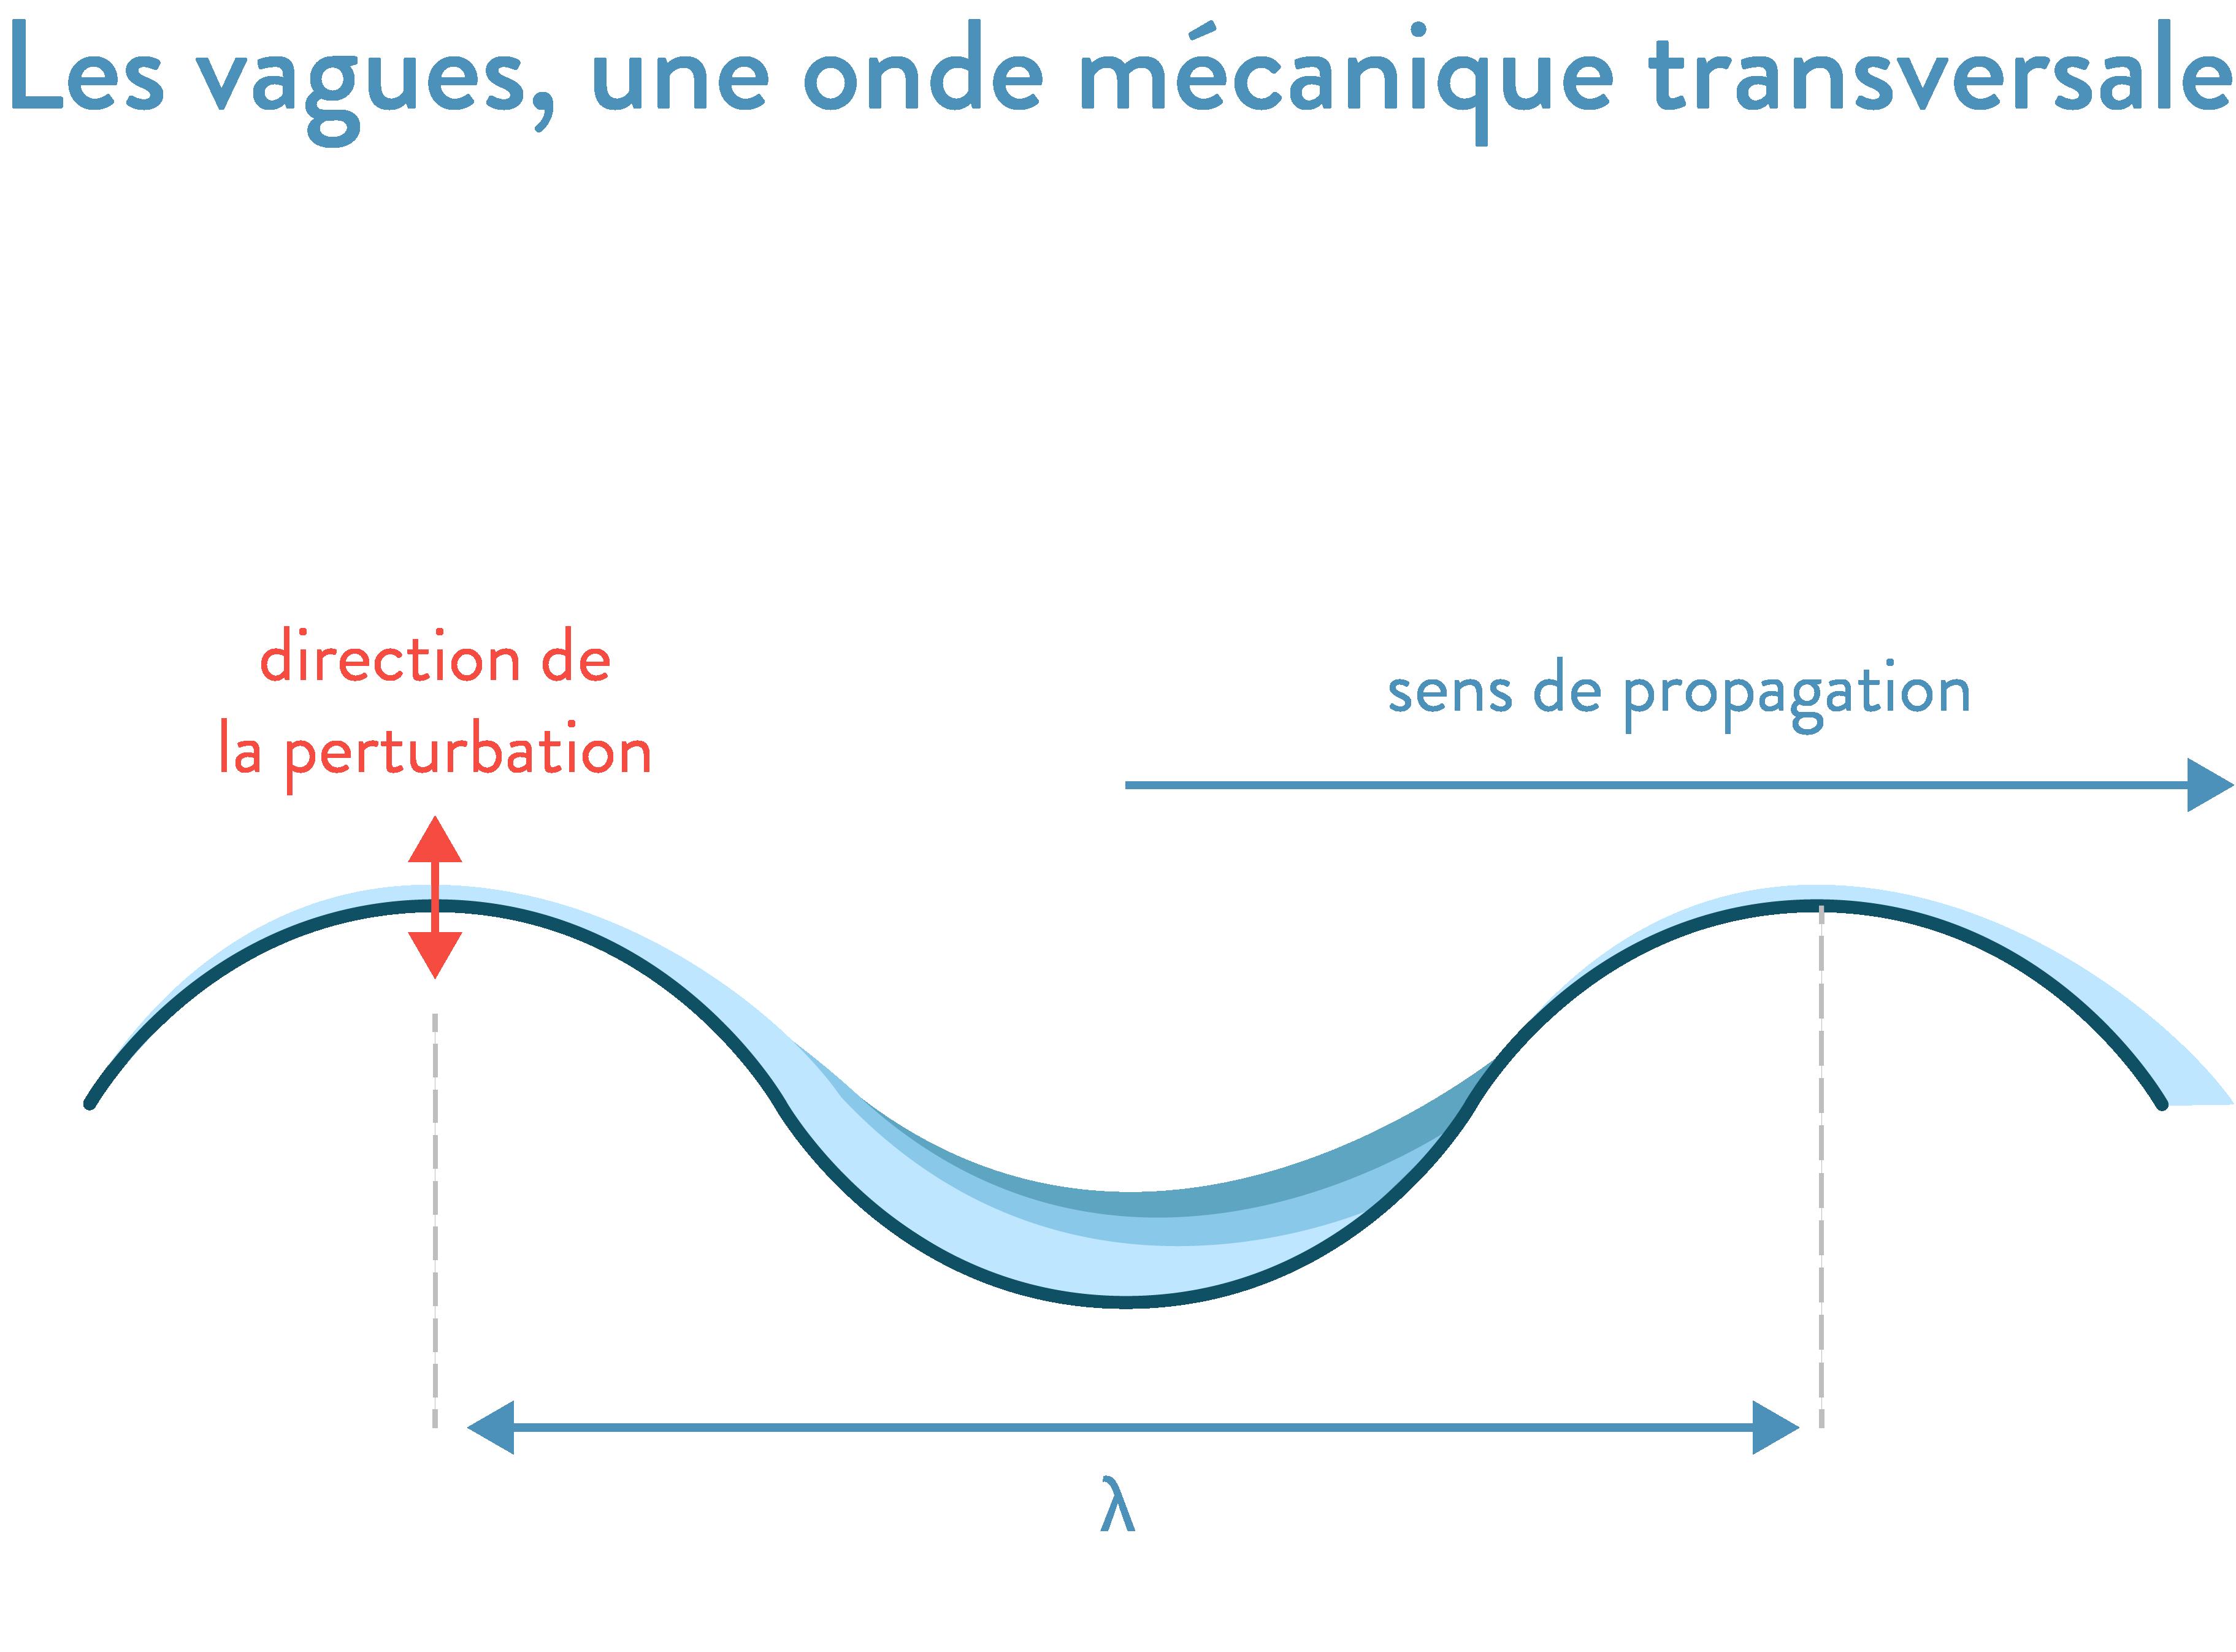 Les vagues, une onde mécanique transversale 2nde